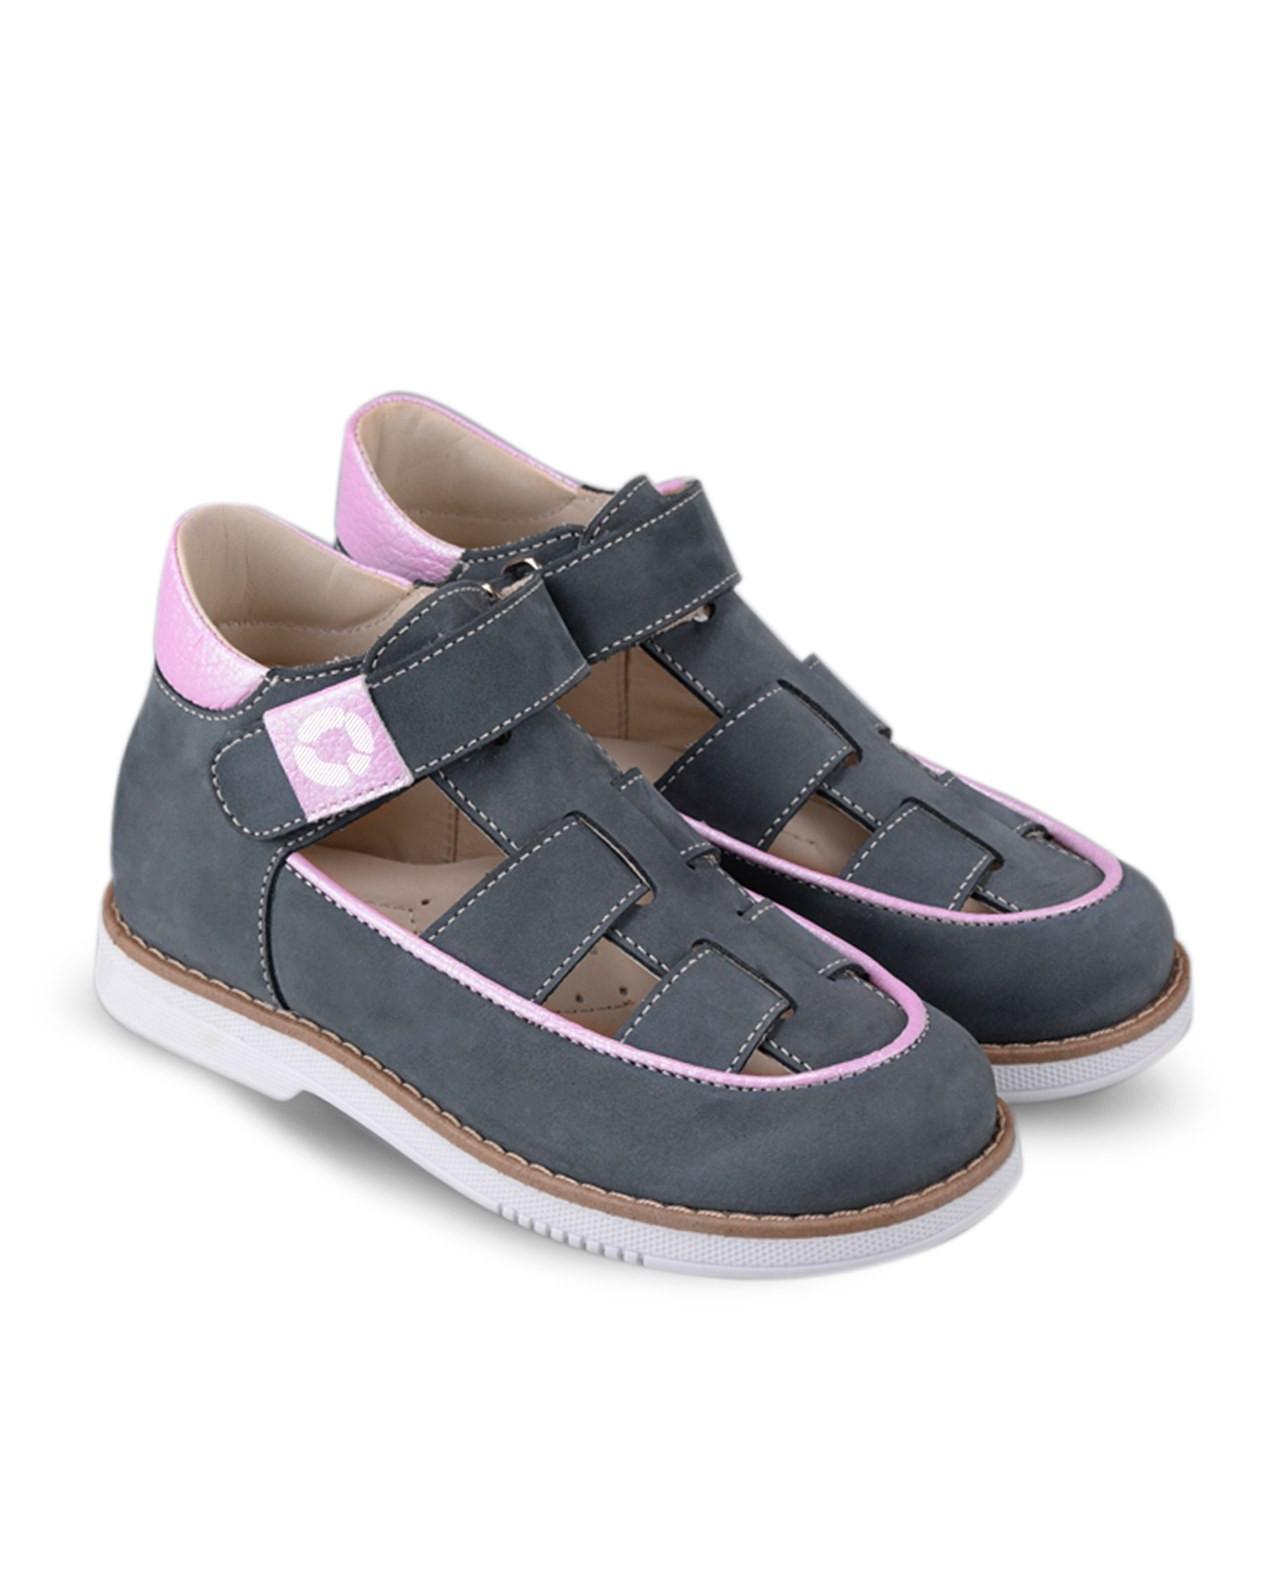 Туфли Детские, Tapiboo Панакота (43165, 24 )Туфли<br>Туфли для ежедневной профилактики плоскостопия. <br>Идеальны как сменная обувь в детский сад <br>и начальную школу. Широкий, устойчивый каблук, <br>специальной конфигурации «каблук Томаса». <br>Каблук продлен с внутренней стороны до <br>середины стопы, чтобы исключить вращение <br>(заваливание) стопы вовнутрь (пронационный <br>компонент деформации, так называемая косолапость, <br>или вальгусная деформация). Многослойная, <br>анатомическая стелька со сводоподдерживающим <br>элементом для правильного формирования <br>стопы. Благодаря использованию современных <br>внутренних материалов позволяет оптимально <br>распределить нагрузку по всей площади стопы <br>и свести к минимуму ее ударную составляющую. <br>Жесткий фиксирующий задник с удлиненным <br>«крылом» надежно стабилизирует голеностопный <br>сустав во время ходьбы, препятствуя развитию <br>патологических изменений стопы. Упругая, <br>умеренно-эластичная подошва, имеющая перекат <br>позволяющий повторить естественное движение <br>стопы при ходьбе для правильного распределения <br>нагрузки на опорно-двигательный аппарат <br>ребенка. Подкладка из кож<br>Размер INT: M; Цвет: Красный; Ширина: 100; Высота: 200; Вес: 1000;